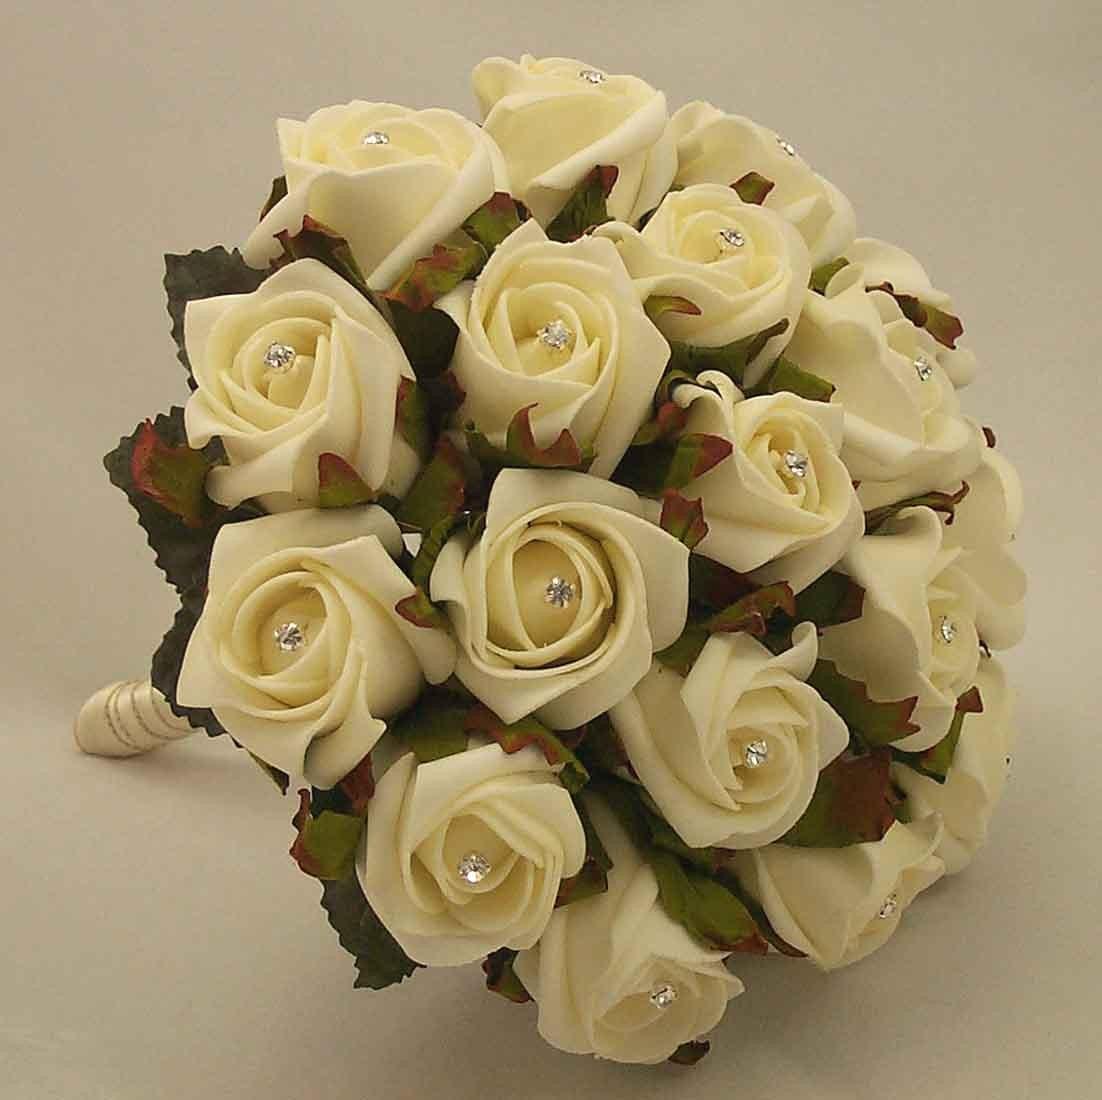 White Rose Diamante Bridesmaid's Bouquet